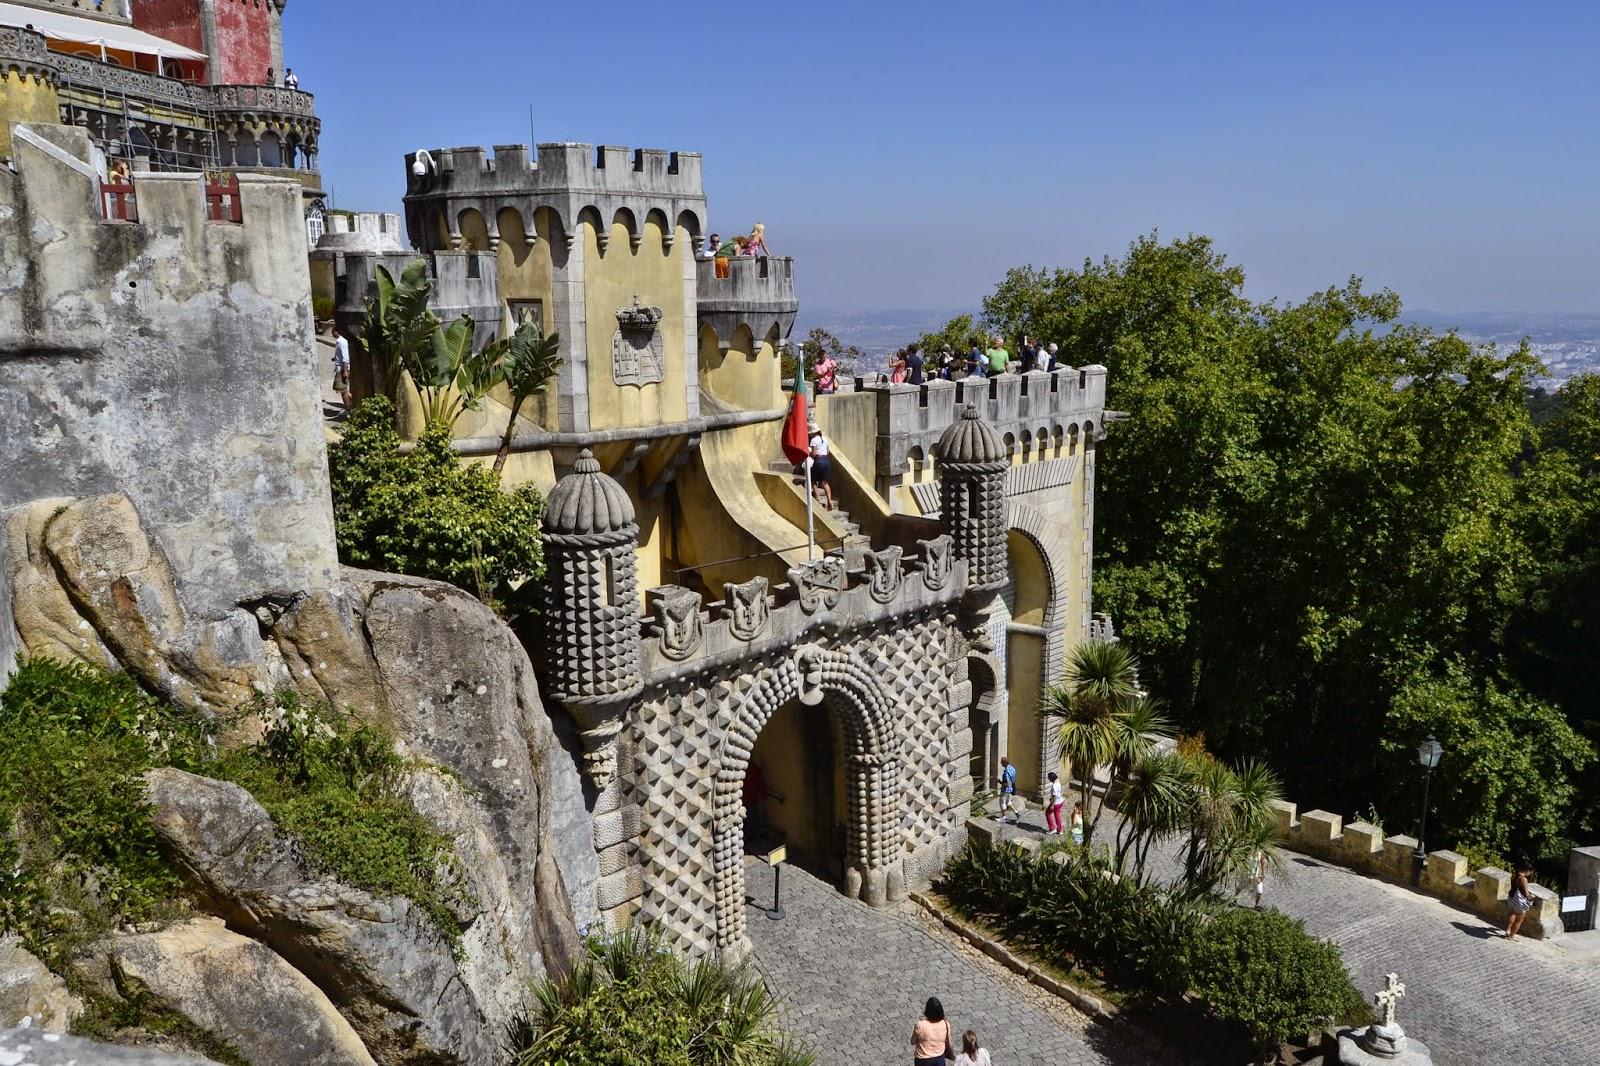 Palácio da Pena - De Mochila pela Europa! Viviane Rodrigues